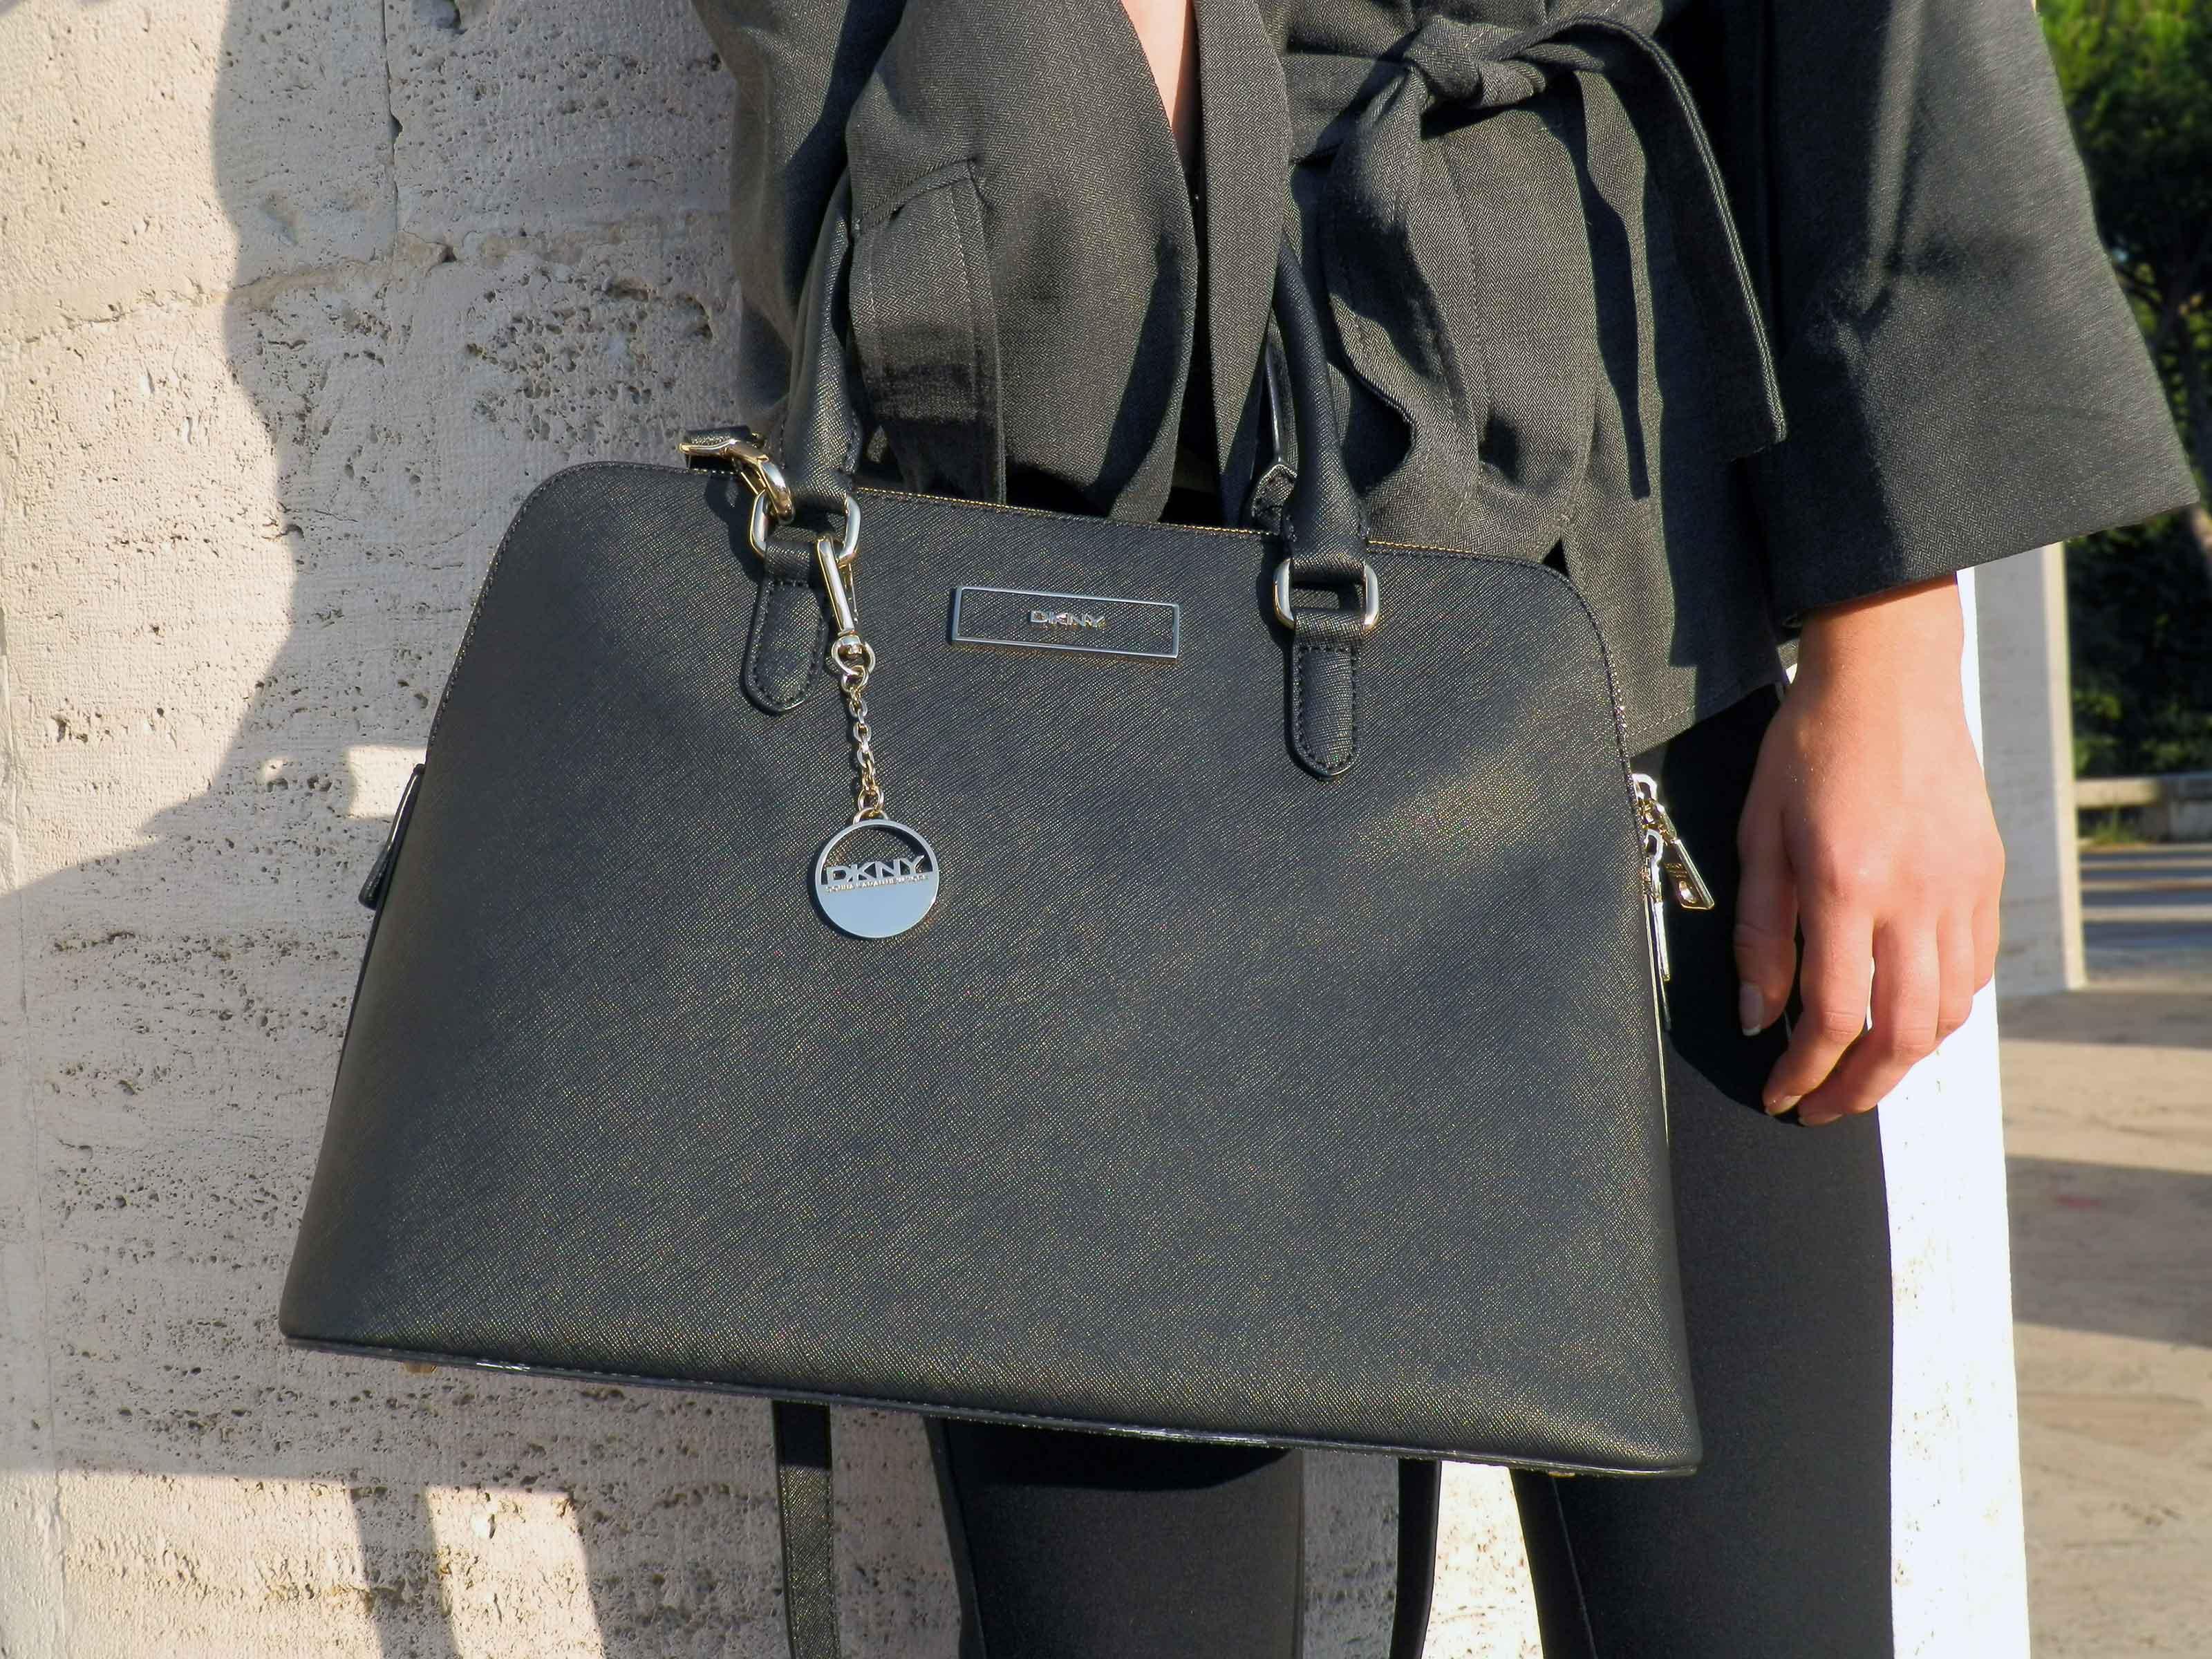 dkny-handbag